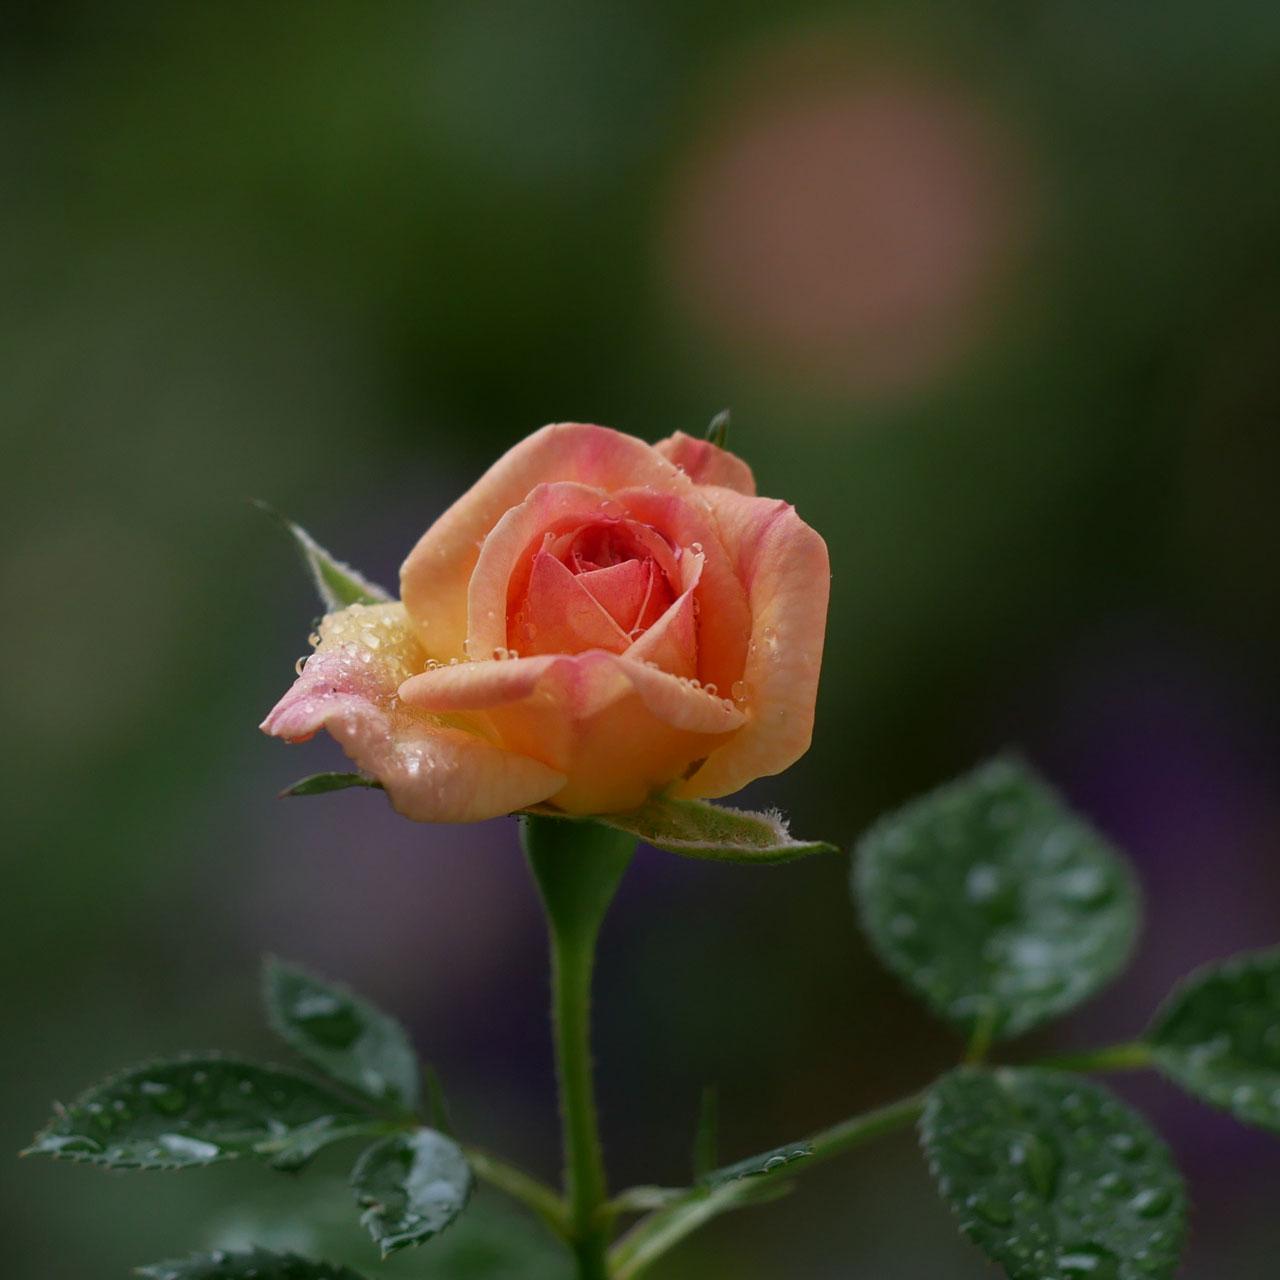 瀕死状態だったバラが咲いた・・・!